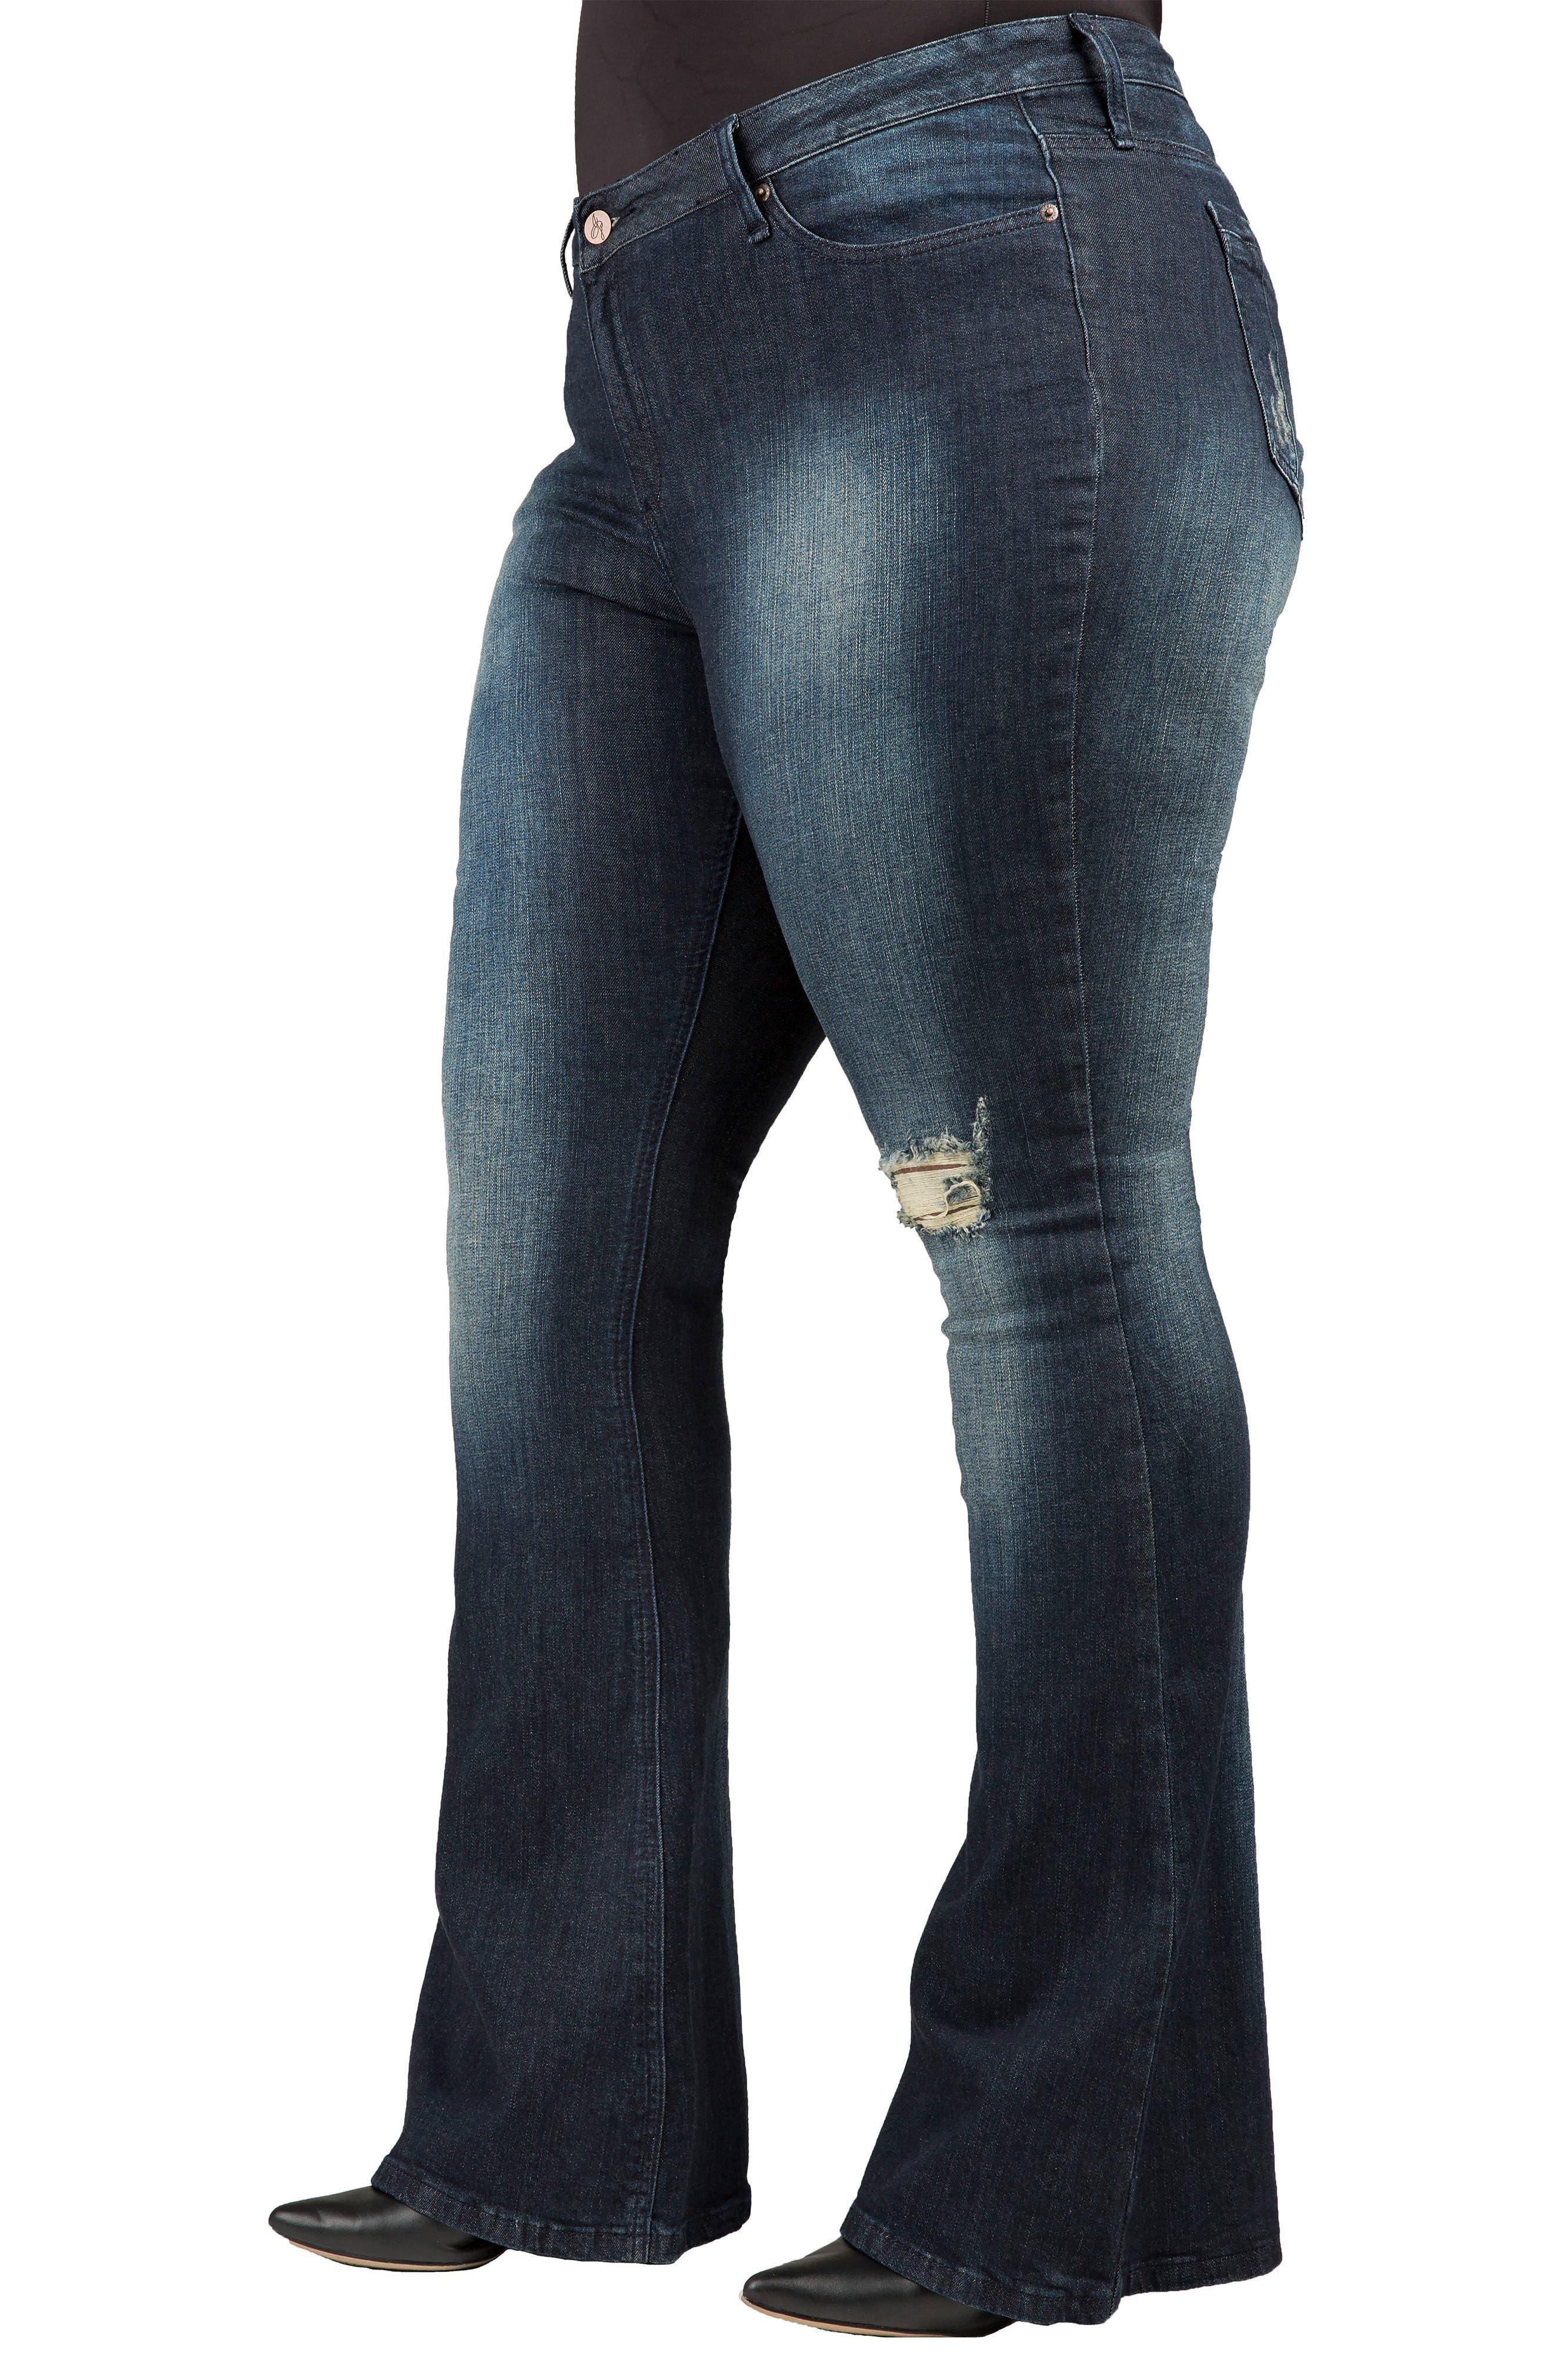 Kylie Curvy Fit Flare Leg Jeans,                             Alternate thumbnail 3, color,                             2942 Unforgiven Dark Blue